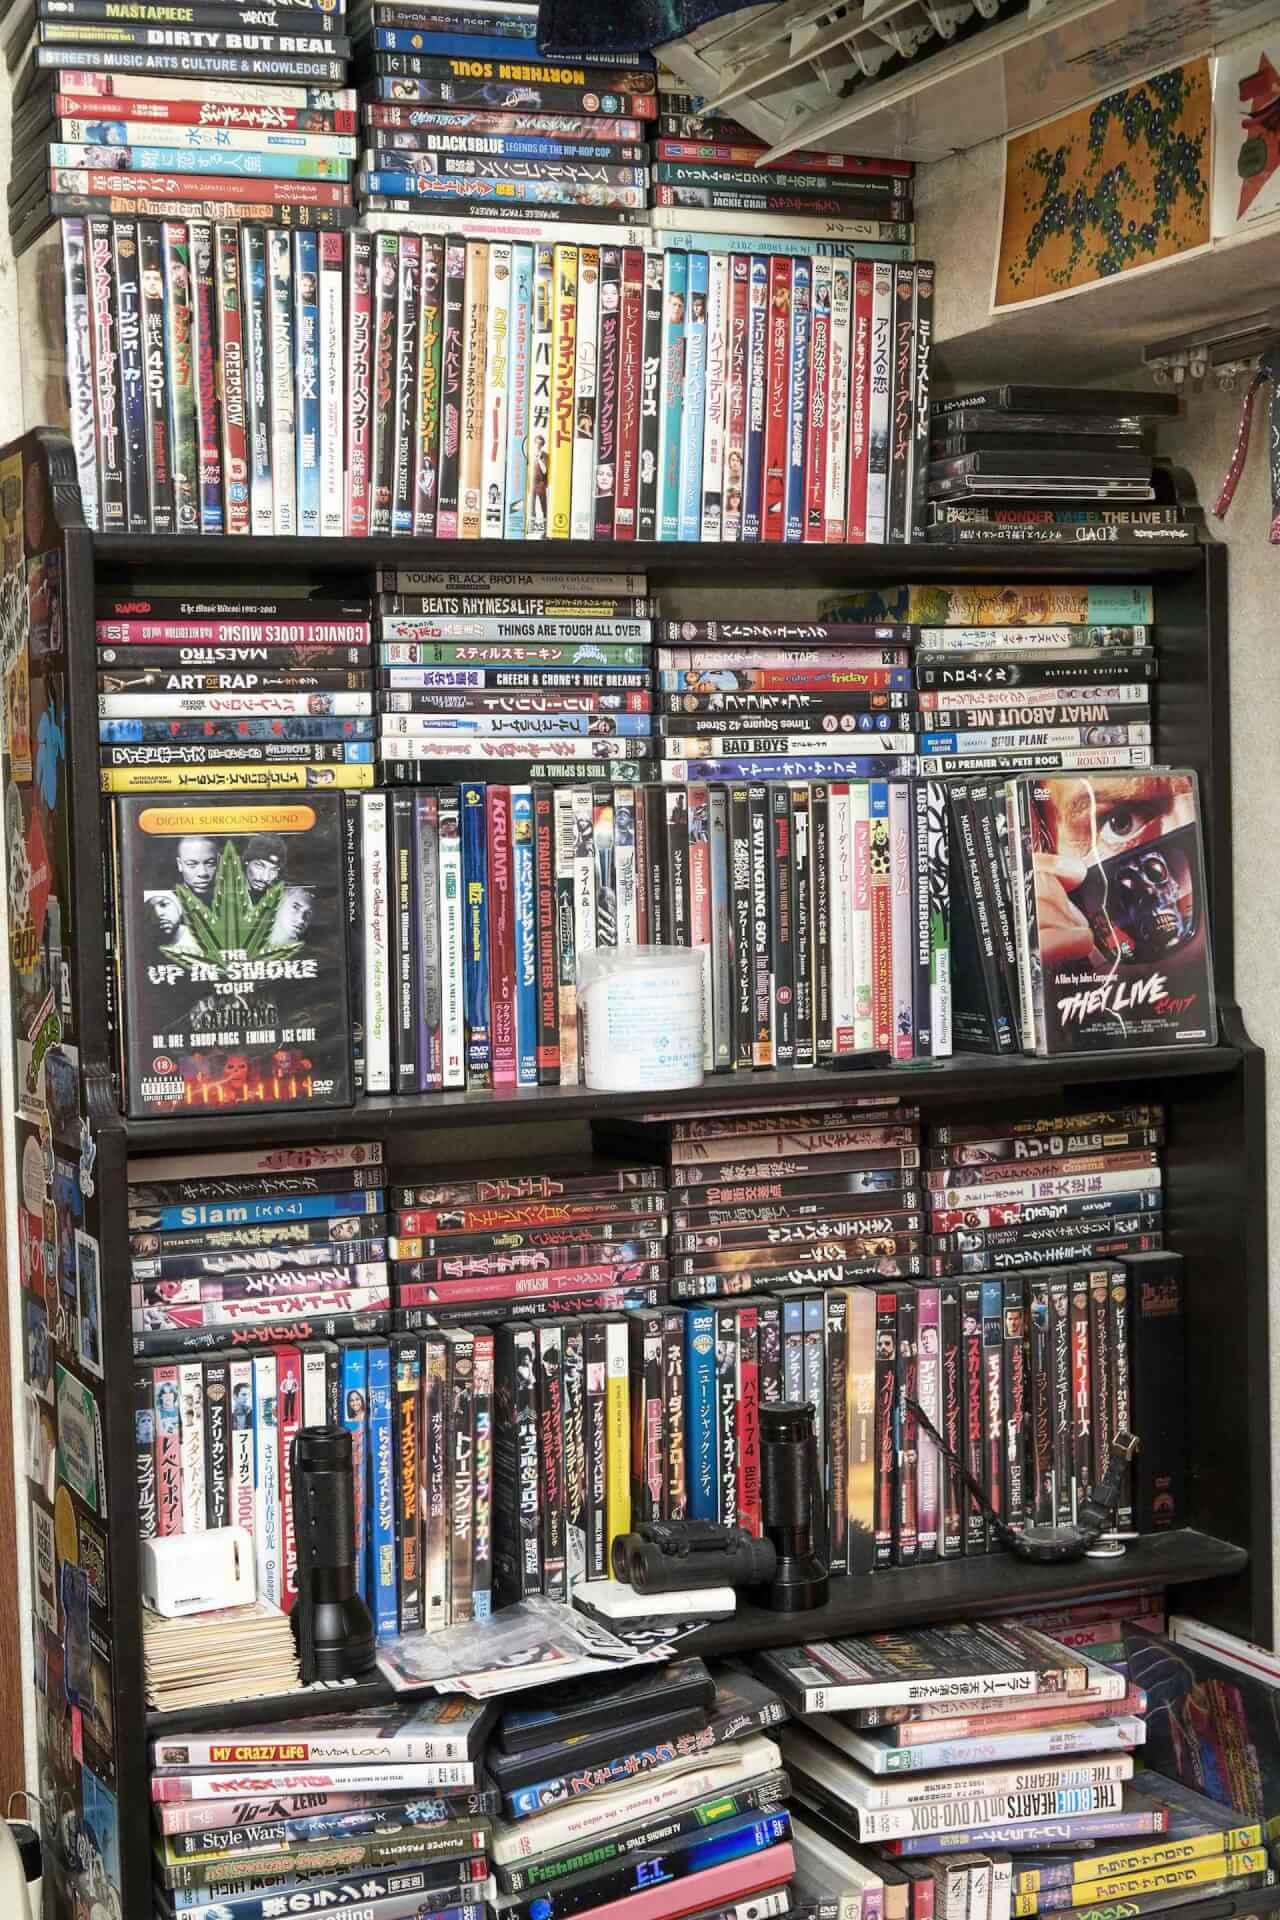 漫画『少年イン・ザ・フッド』単行本化インタビュー|Ghetto Hollywoodに影響を与えた作品たち interview200907_ghettohollywood_1